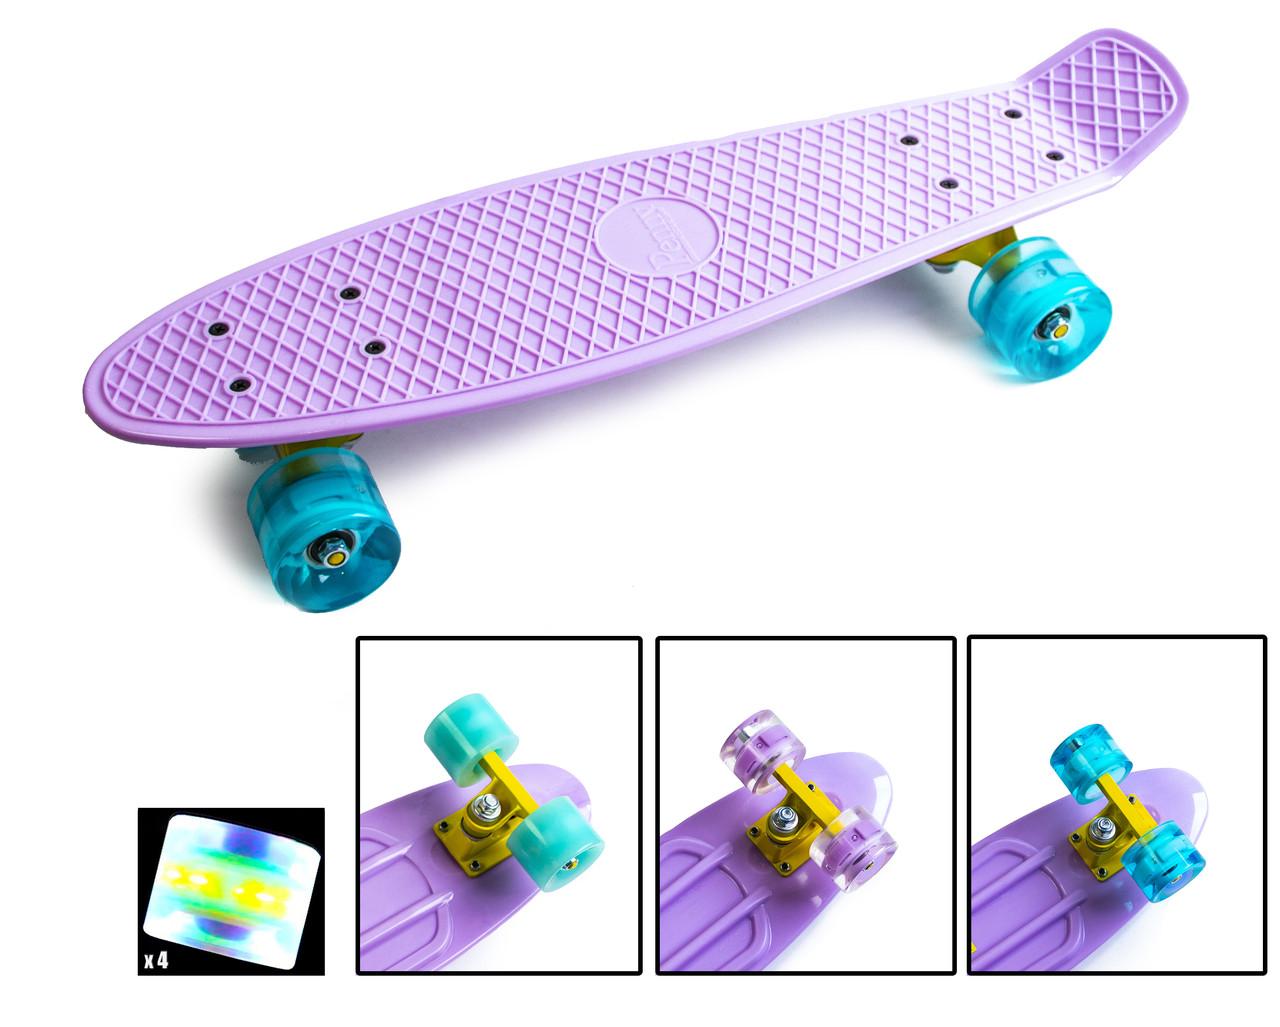 Пенні скейт борд 55 х 15 см до 75 кг ABEC-9 світяться колеса Penny Board ліловий